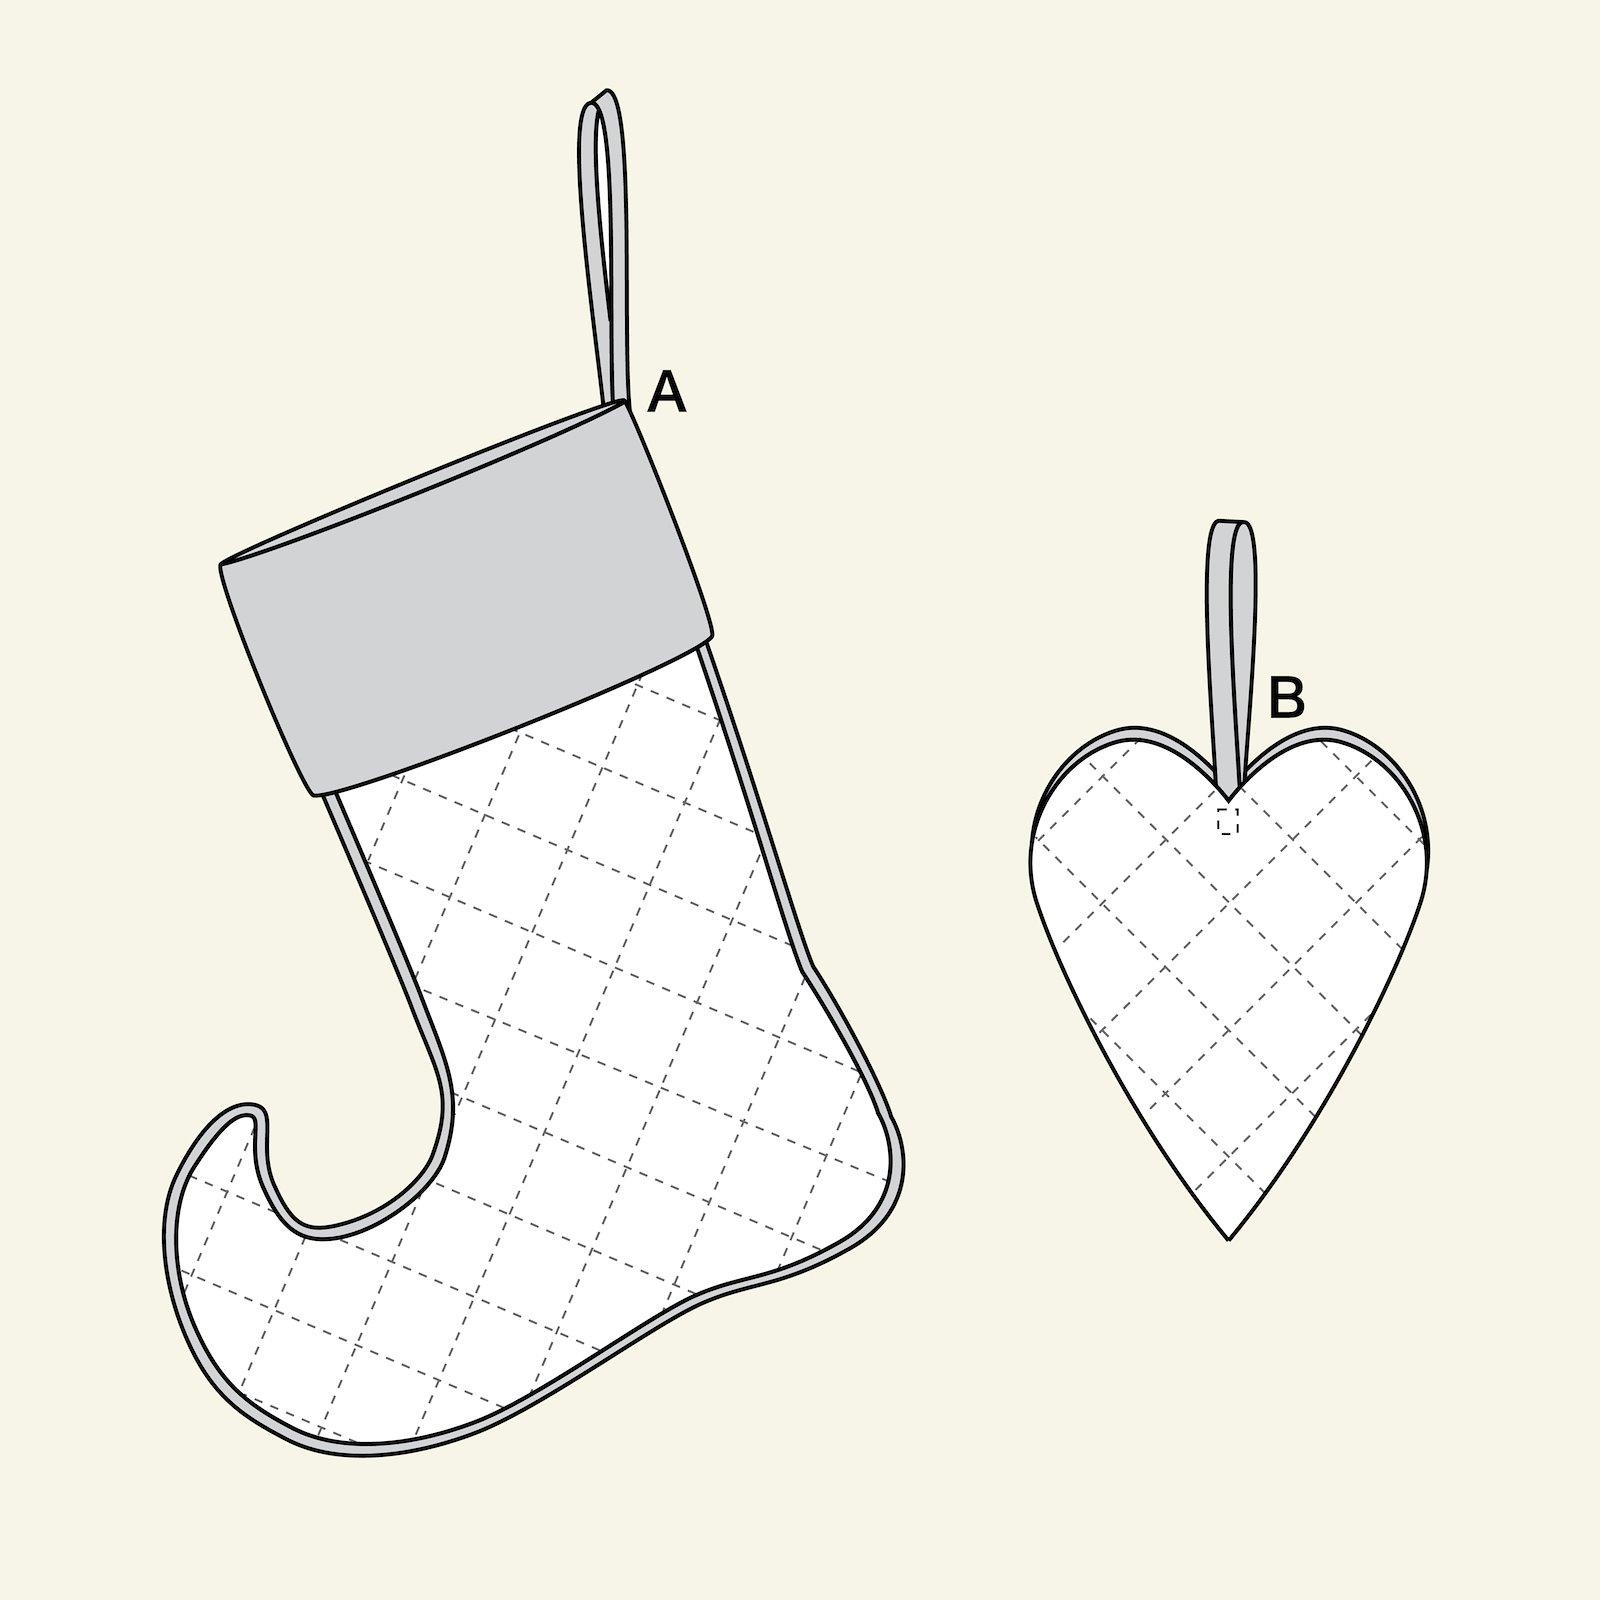 Weihnachtssocke und Herz p90311_pack